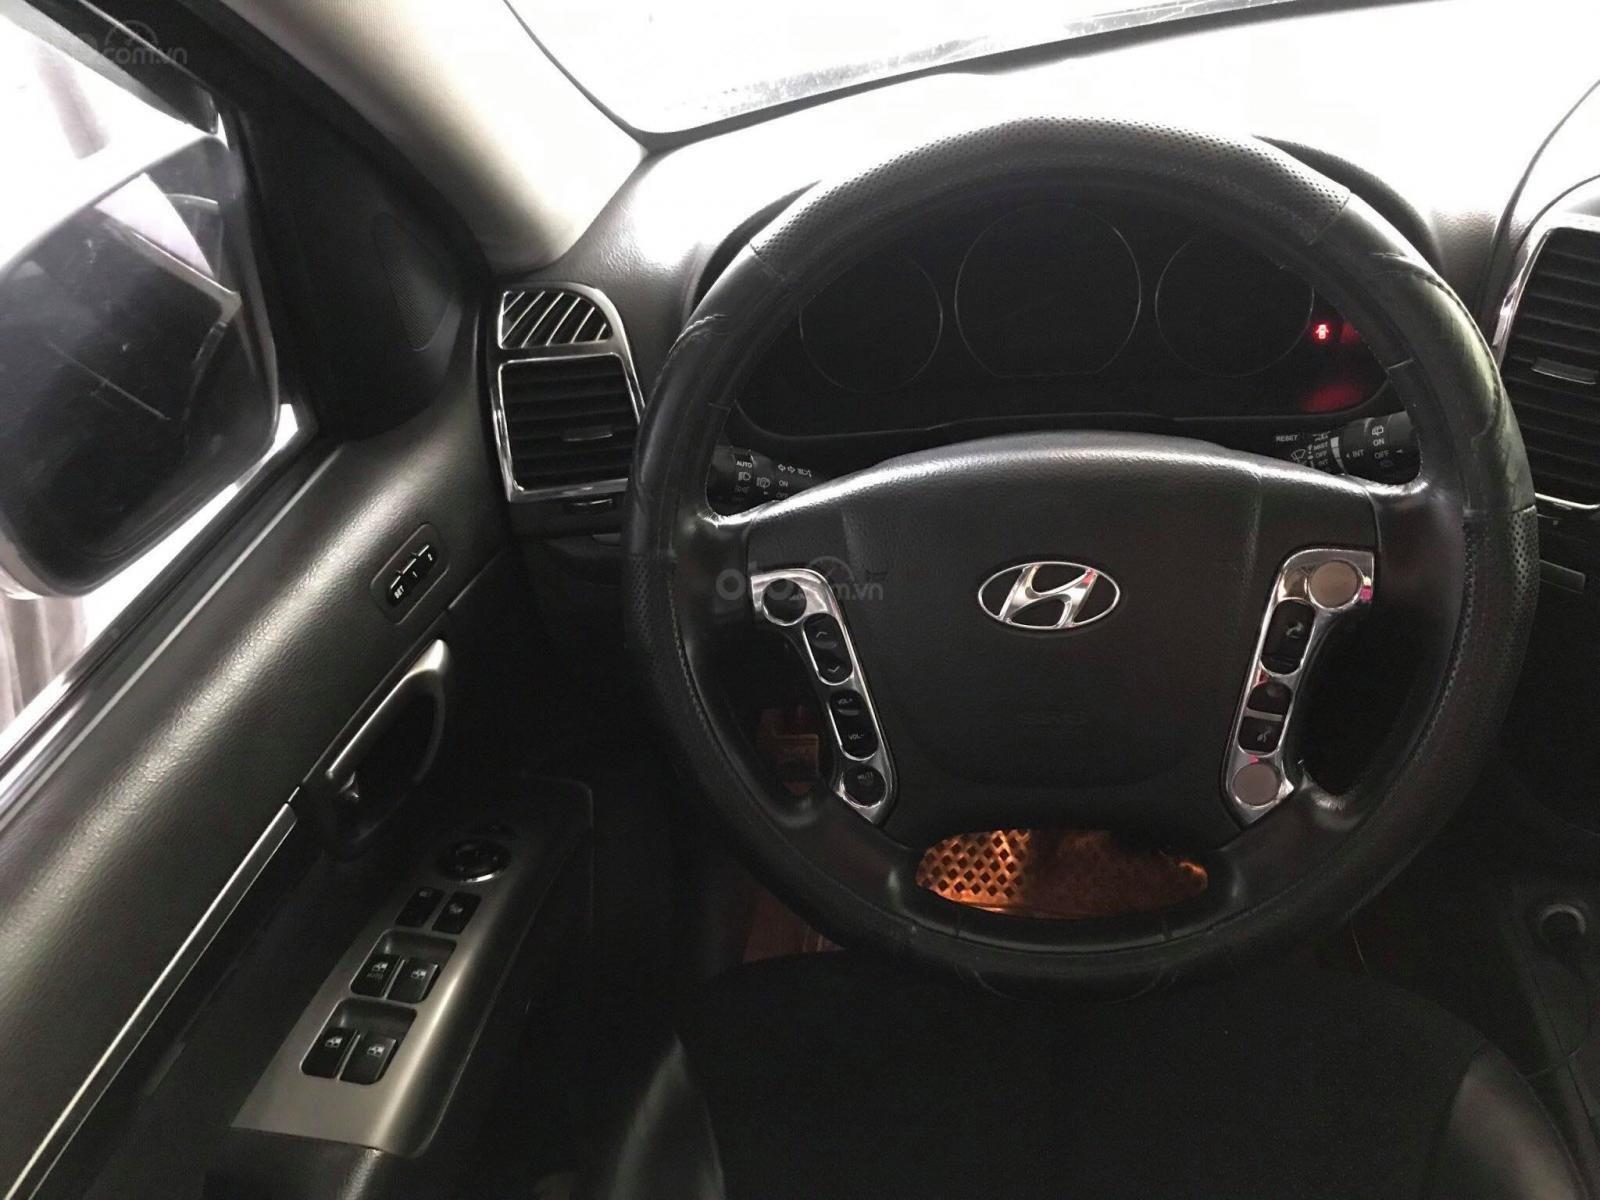 Bán Hyundai Santa Fe SLX 2010 full option 2.0, dầu, màu bạc, nhập khẩu, giá thương lượng (3)